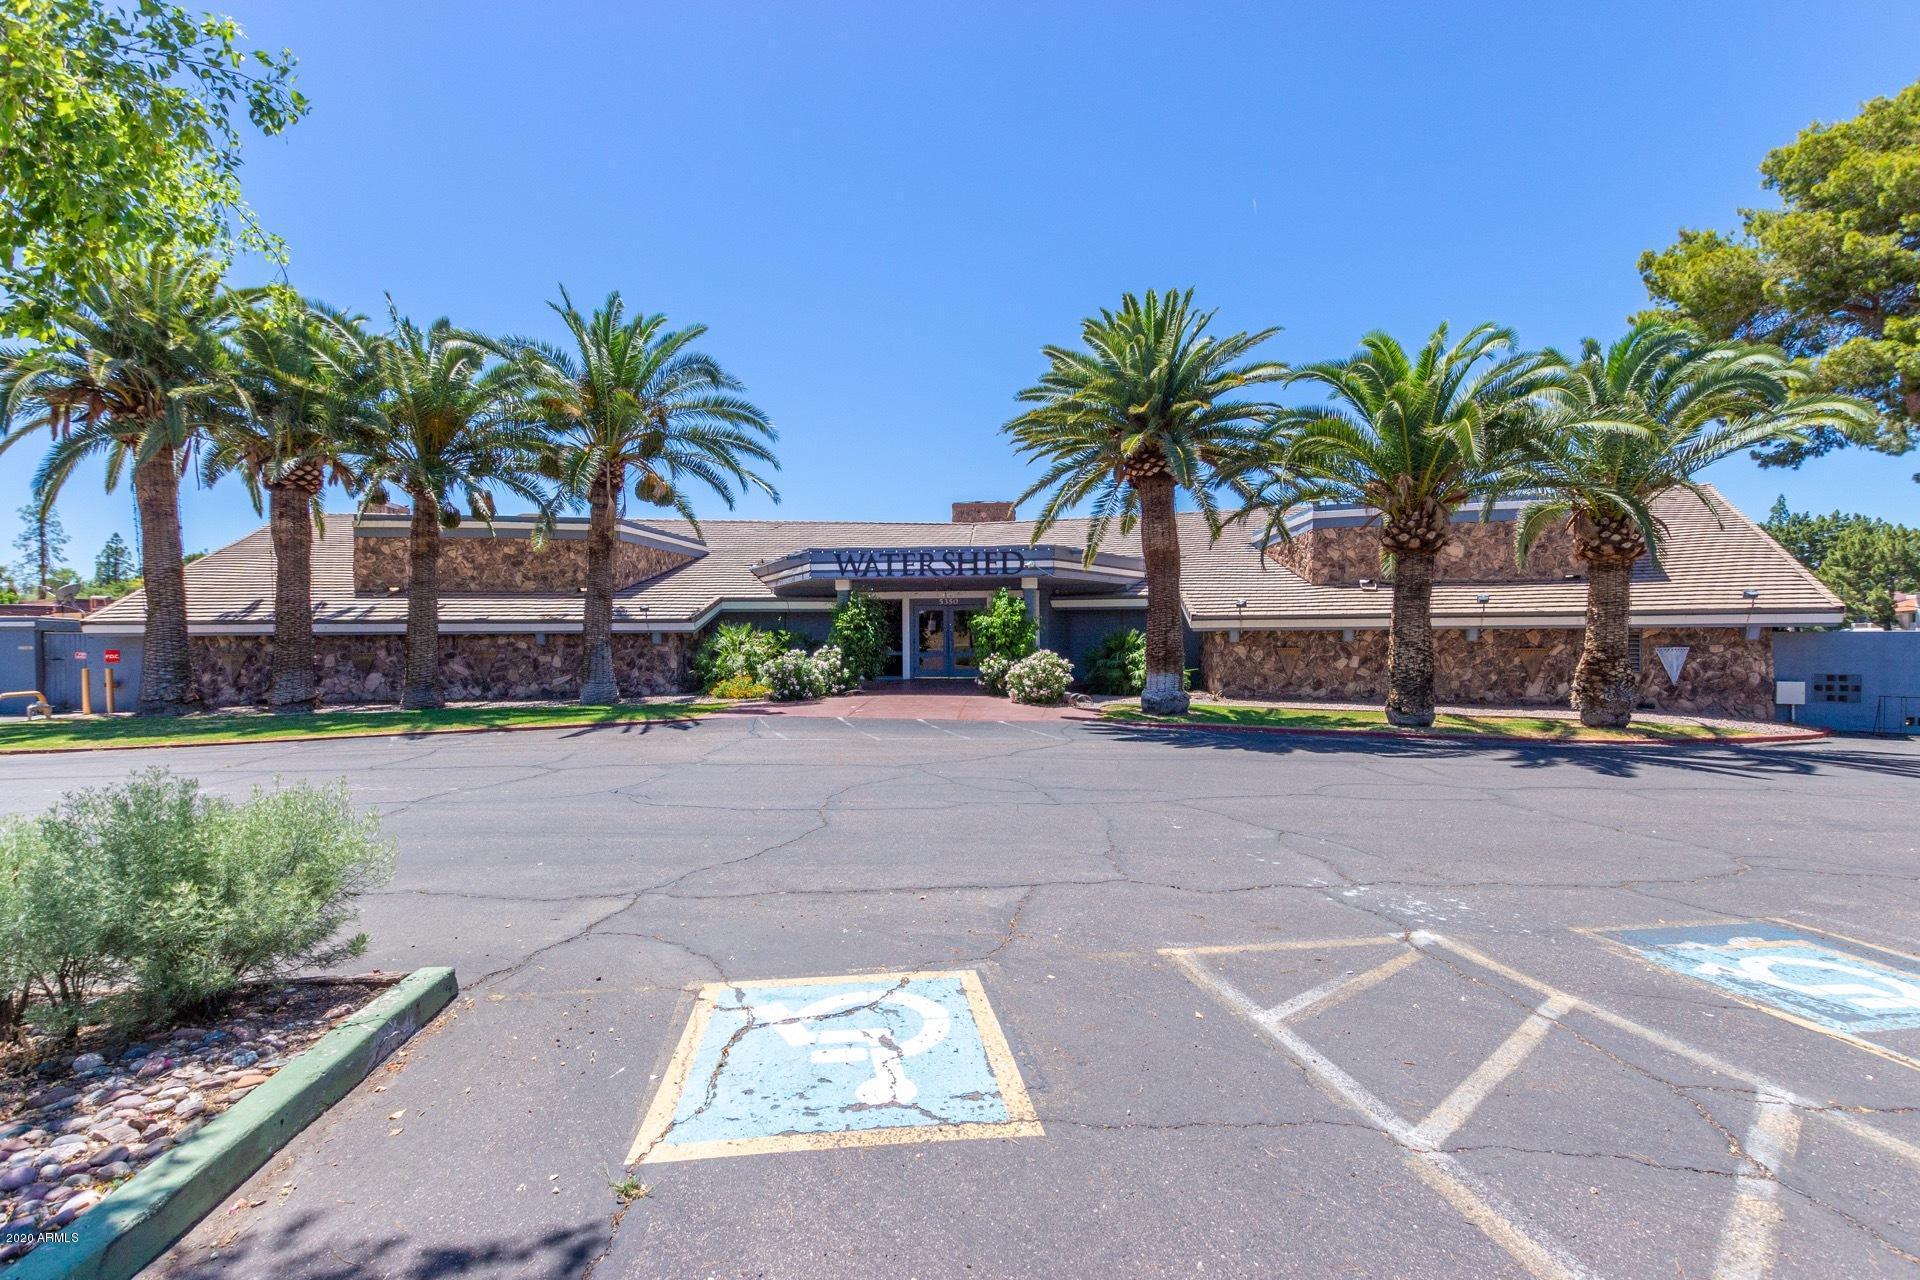 Photo of 5250 S Lakeshore Drive, Tempe, AZ 85283